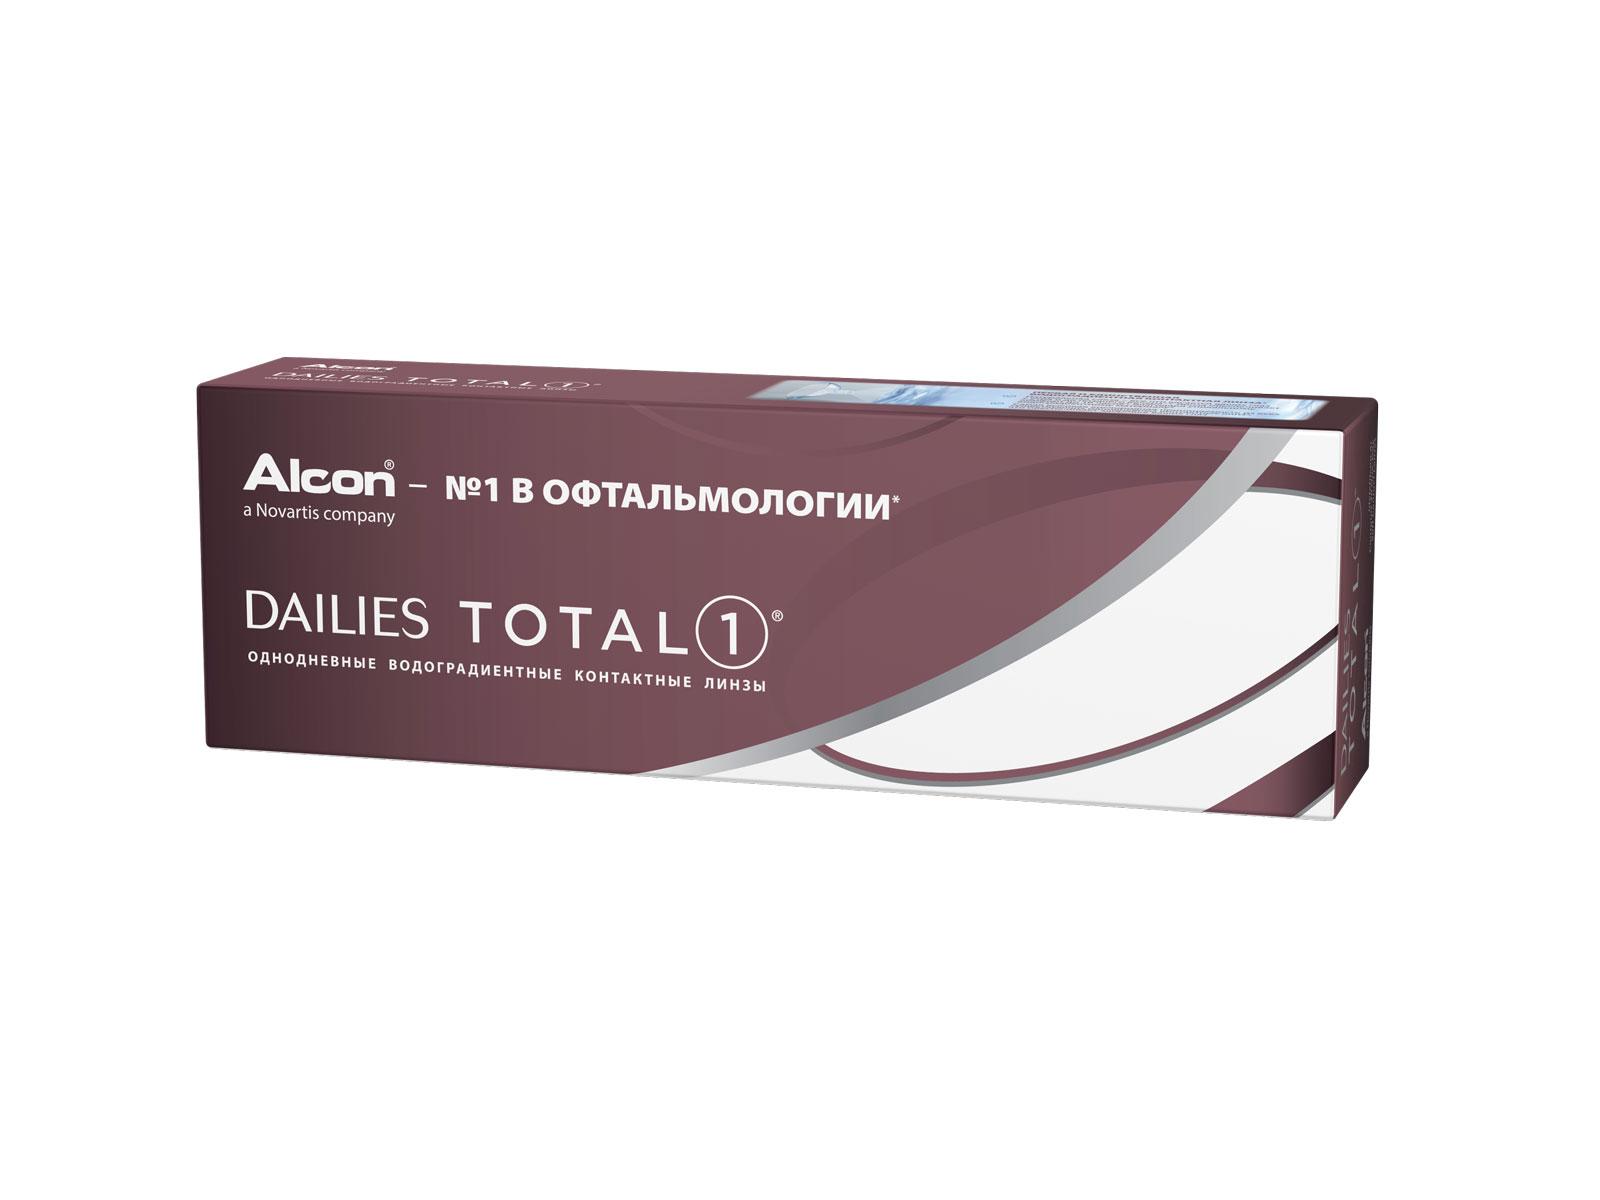 Alcon контактные линзы Dailies Total 1 30pk /-10.00 / 8.5 / 14.1100031617Dailies Total 1 – линзы, которые не чувствуешь с утра и до поздного вечера. Эти однодневные контактные линзы выполнены из уникального водоградиентного материала, багодаря которому натуральная слеза – это все, что касается ваших глаз. Почти 100% влаги на поверхности обеспечивают непревзойденный комфорт до 16 часов ношения.